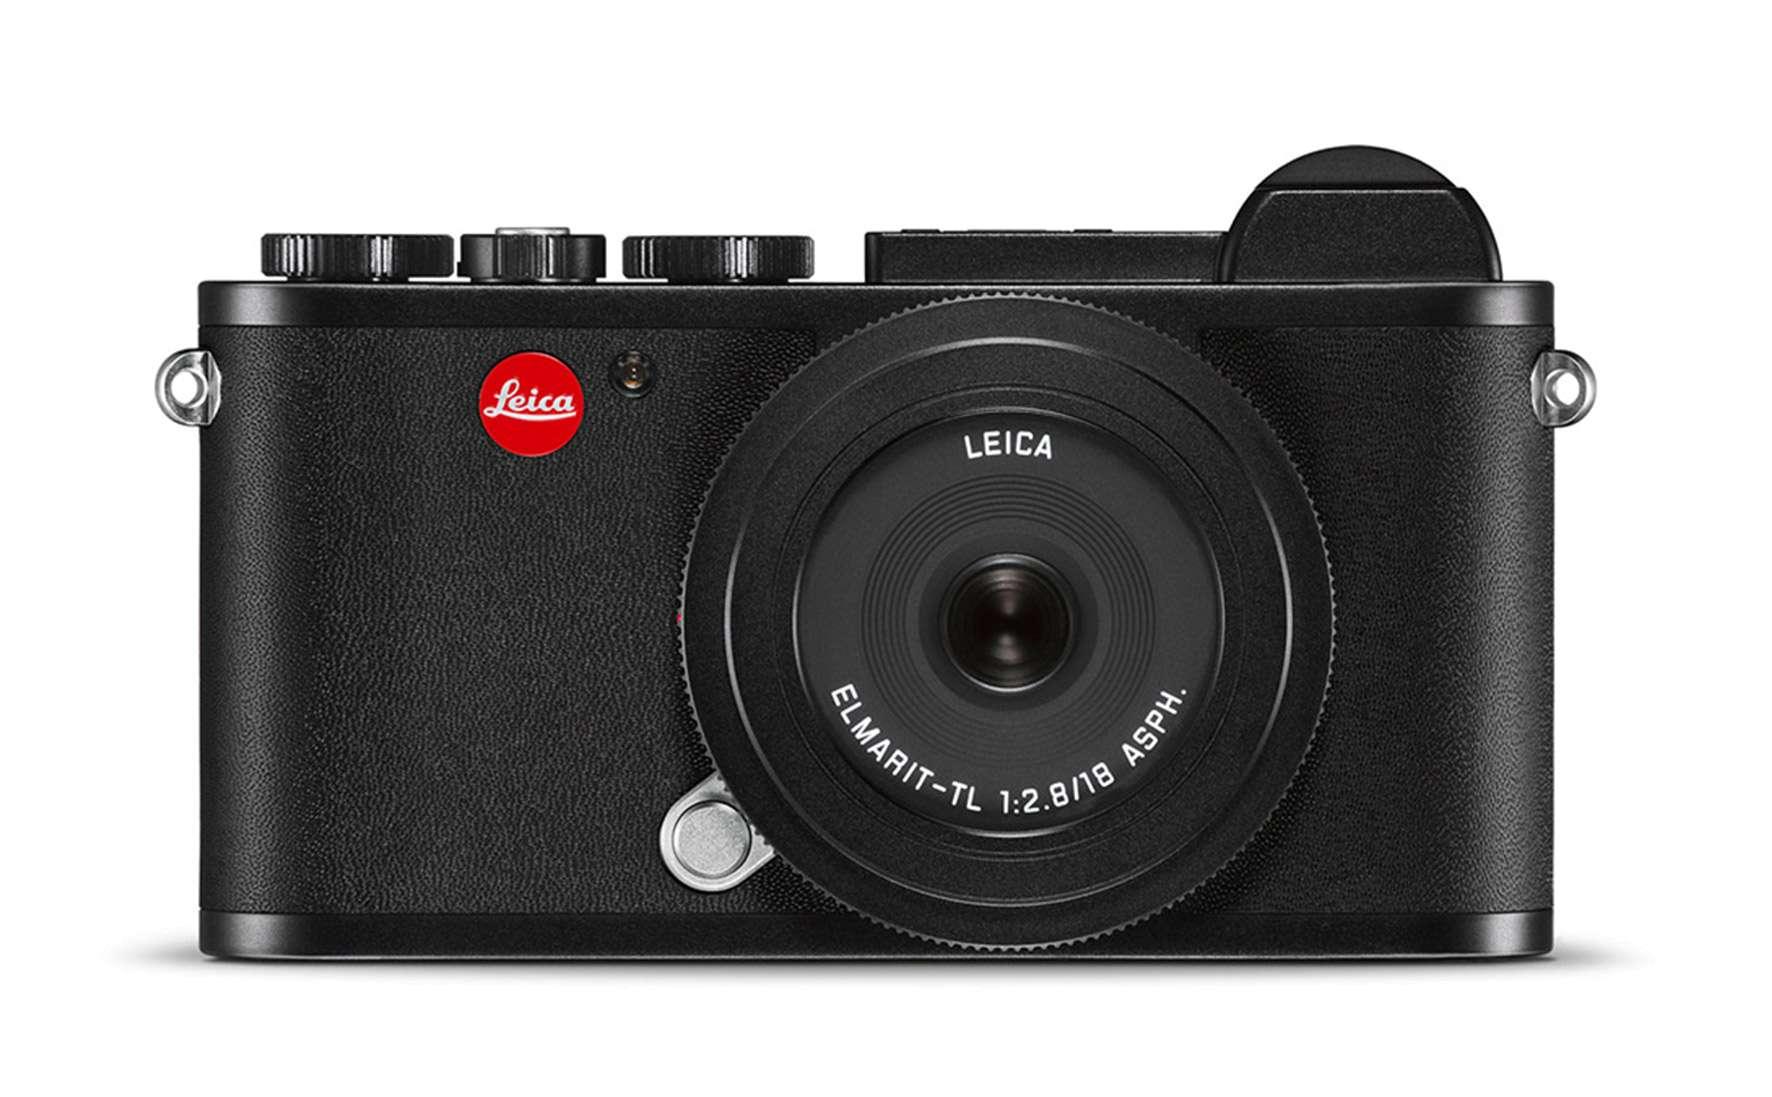 Golf Entfernungsmesser Leica : Entfernungsmesser test info xl elektro ihr großes